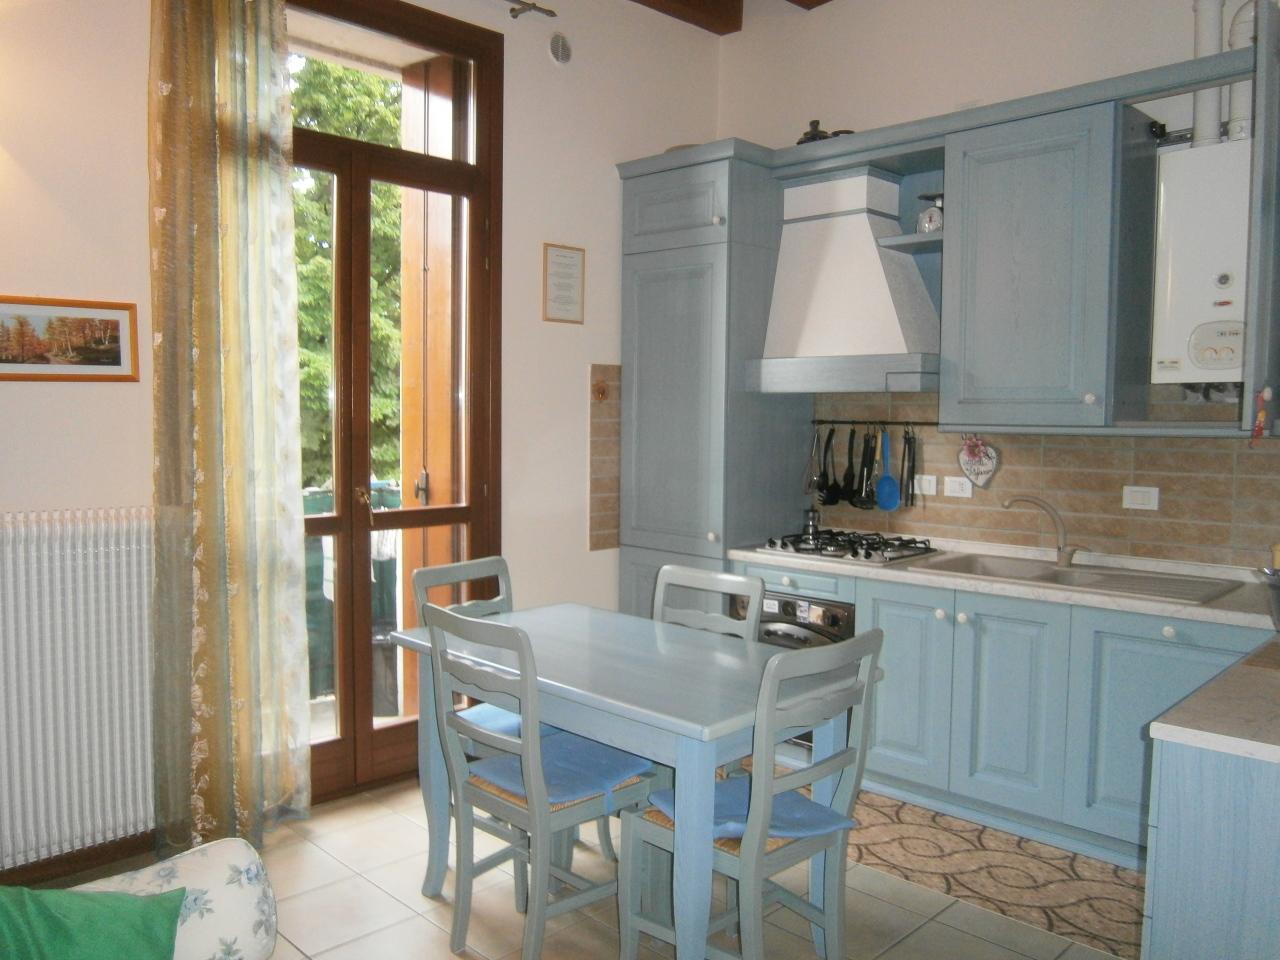 Appartamento in vendita a Lonigo, 4 locali, prezzo € 85.000 | Cambio Casa.it